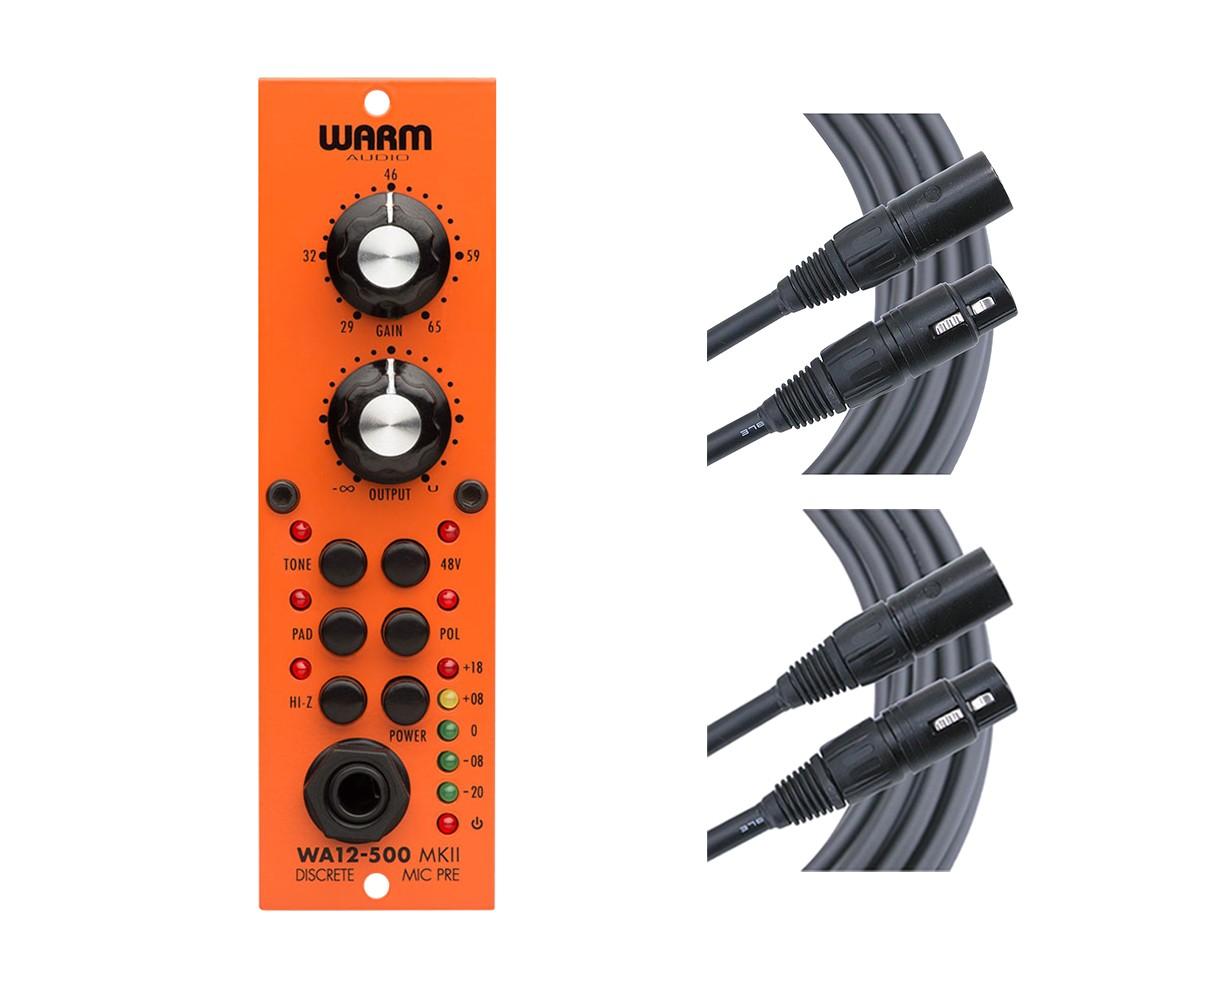 Warm Audio WA12-500 MkII + Mogami Cables